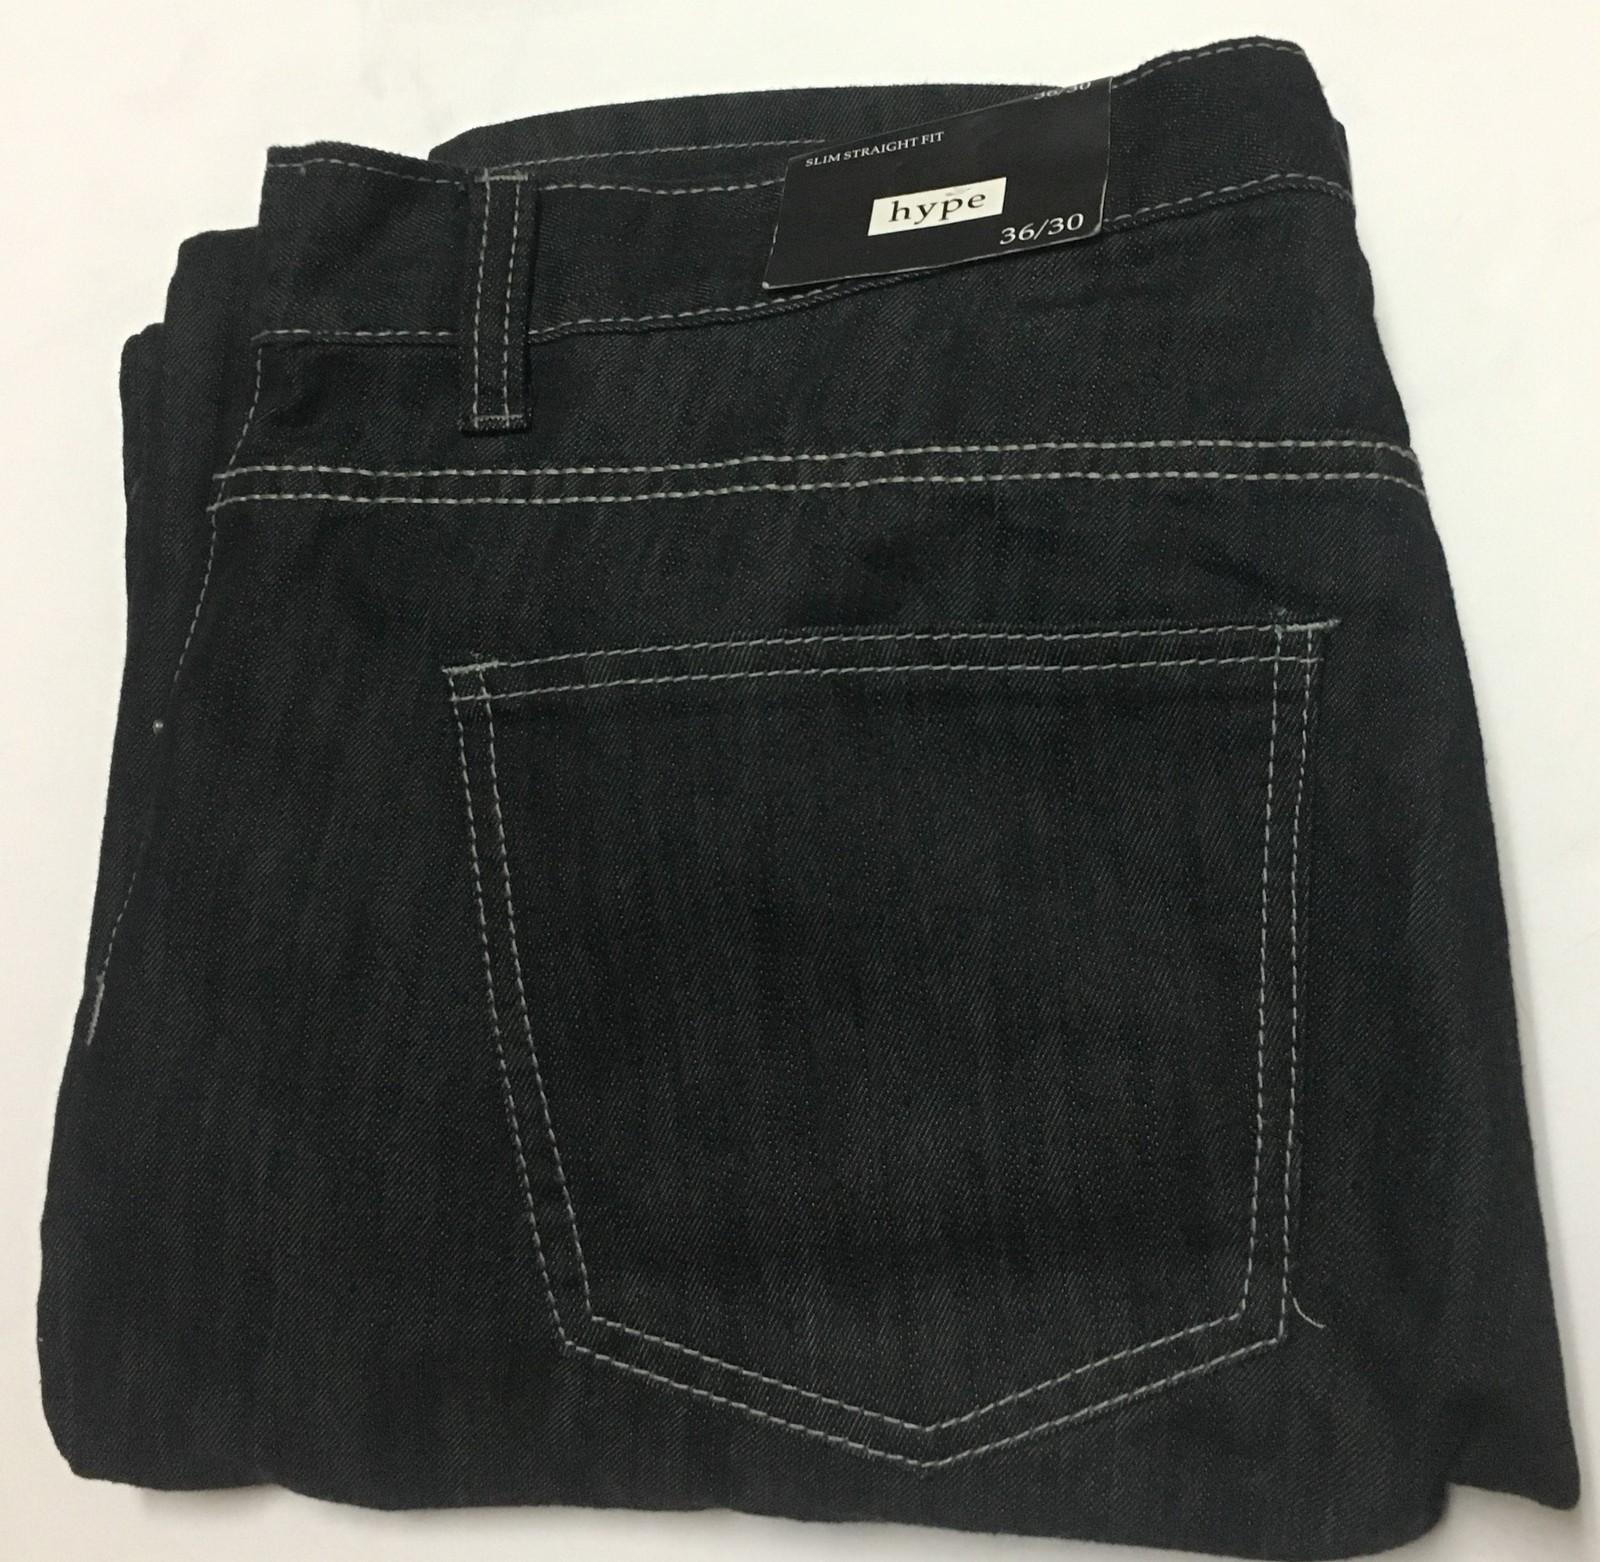 HYPE Men's Jeans Slim Straight Fit Sz 36/30 Black